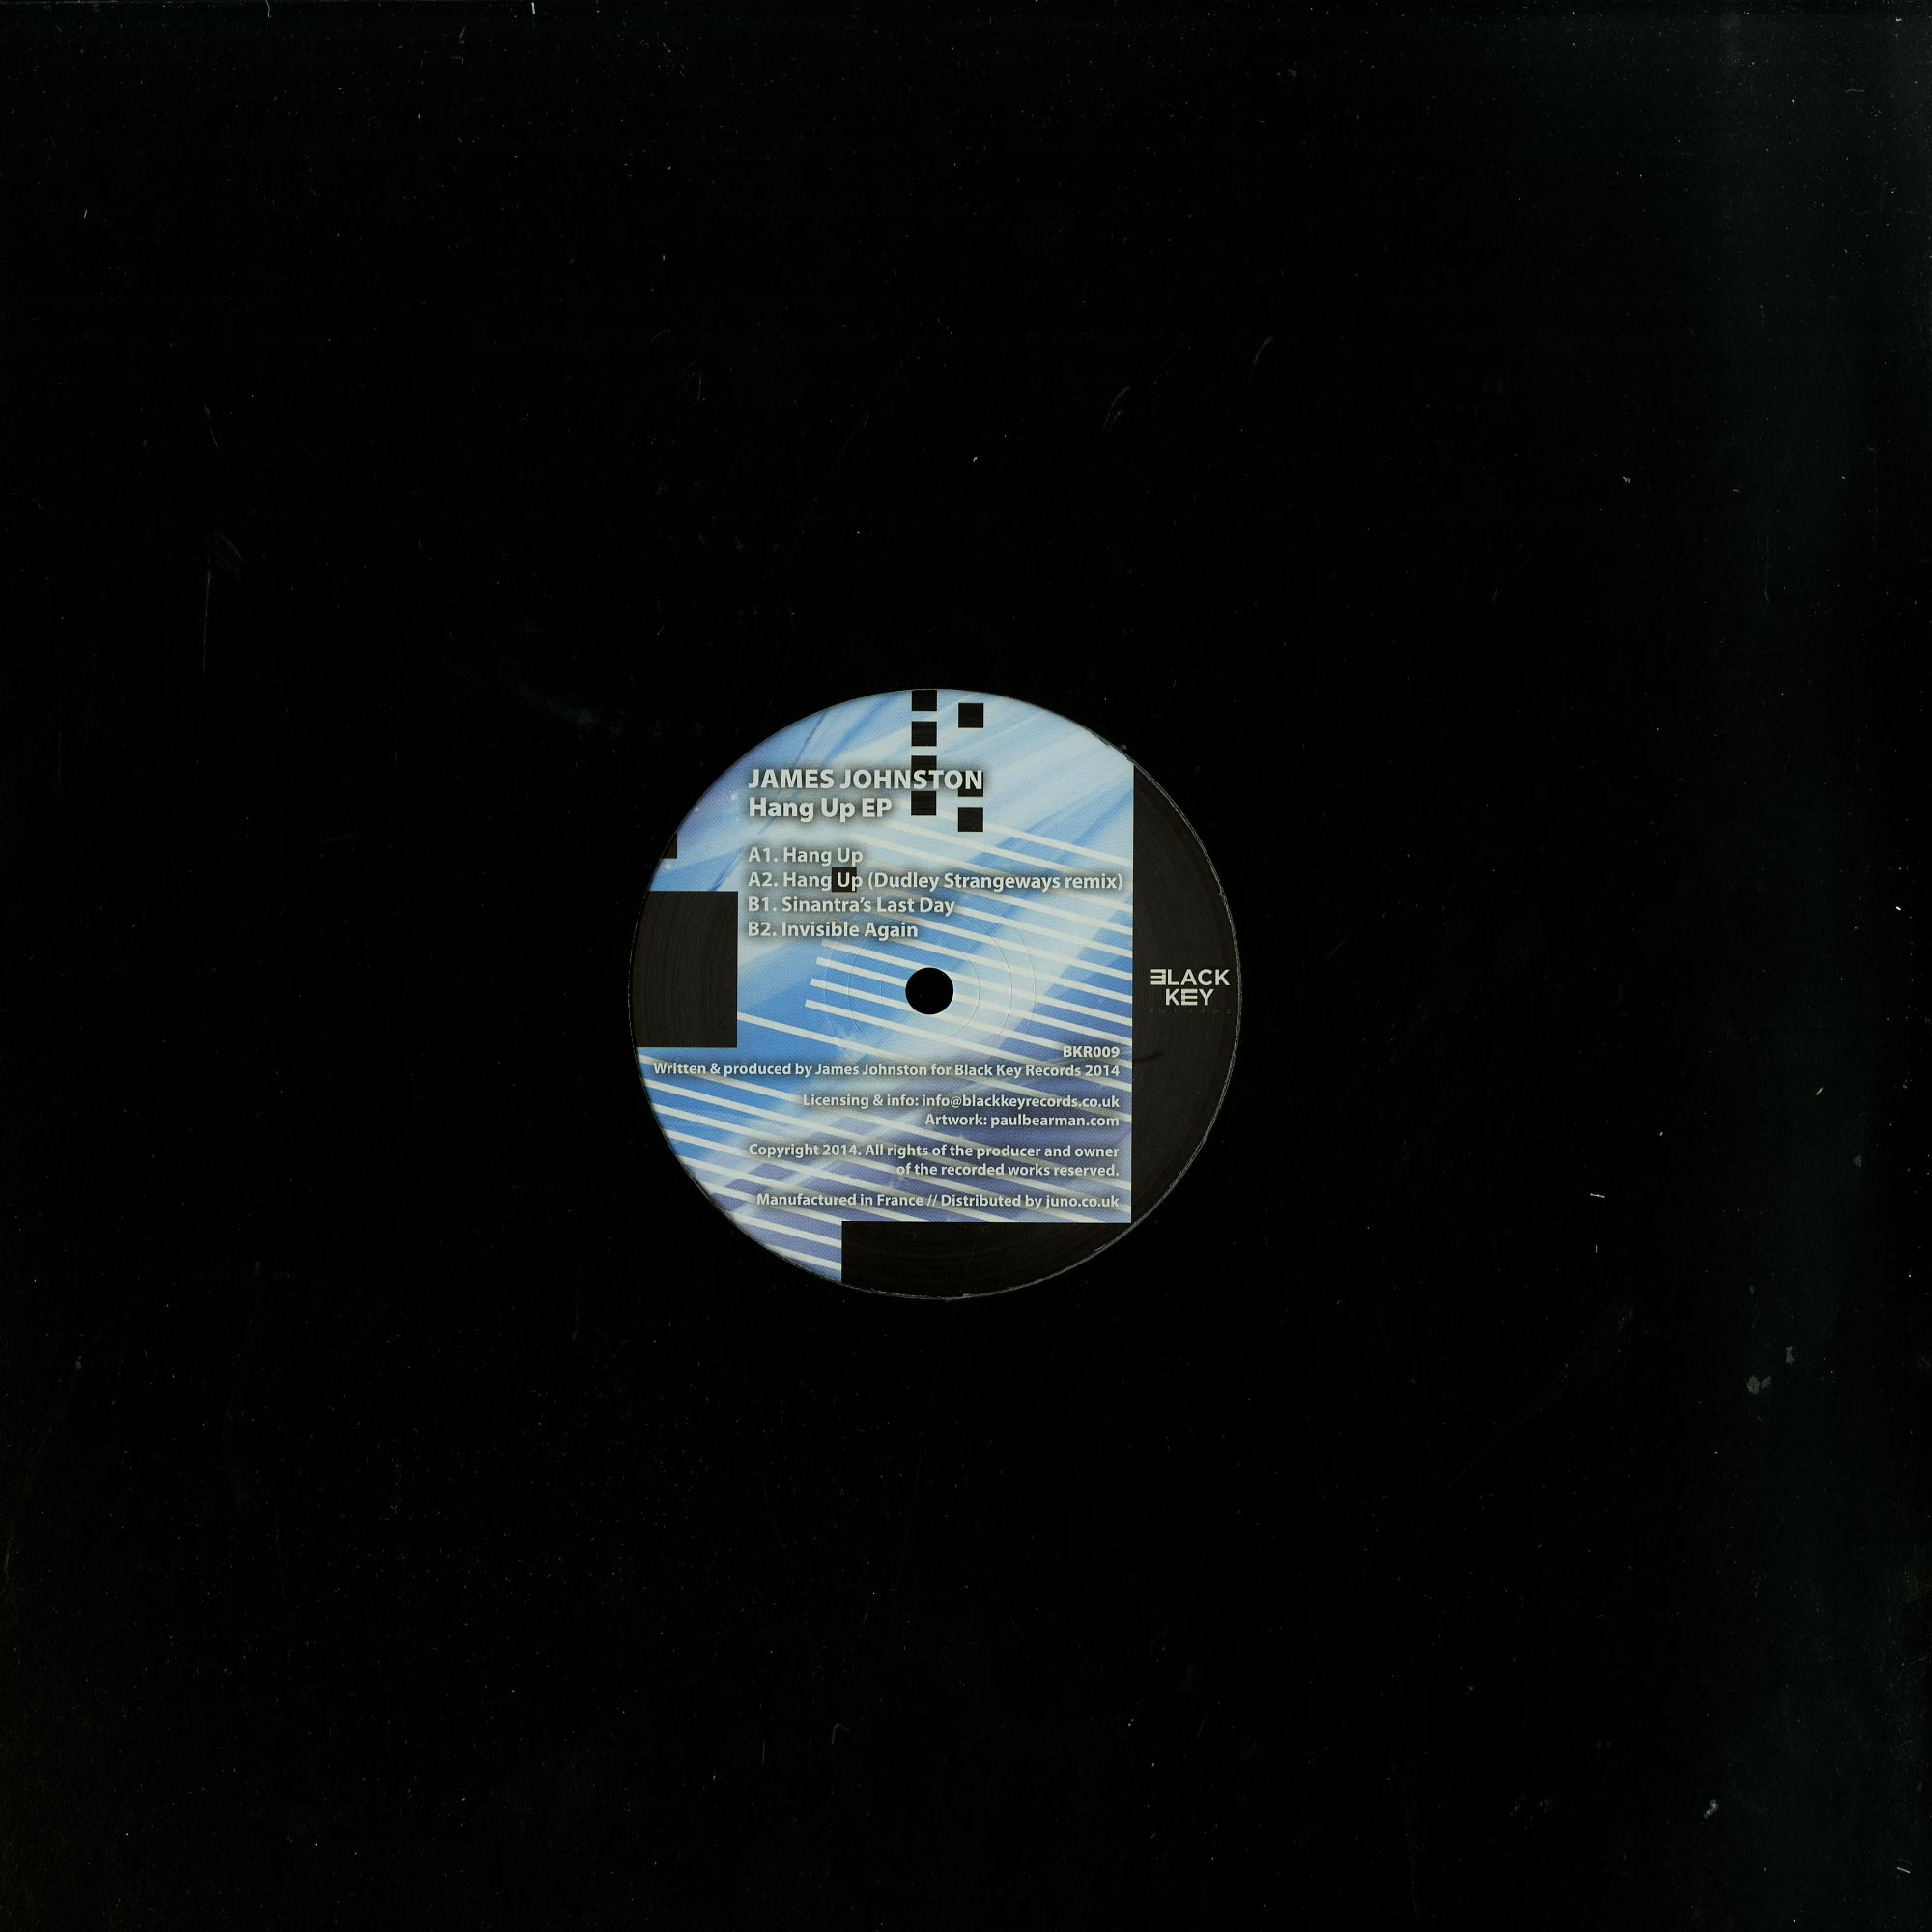 James Johnston - HANG UP EP